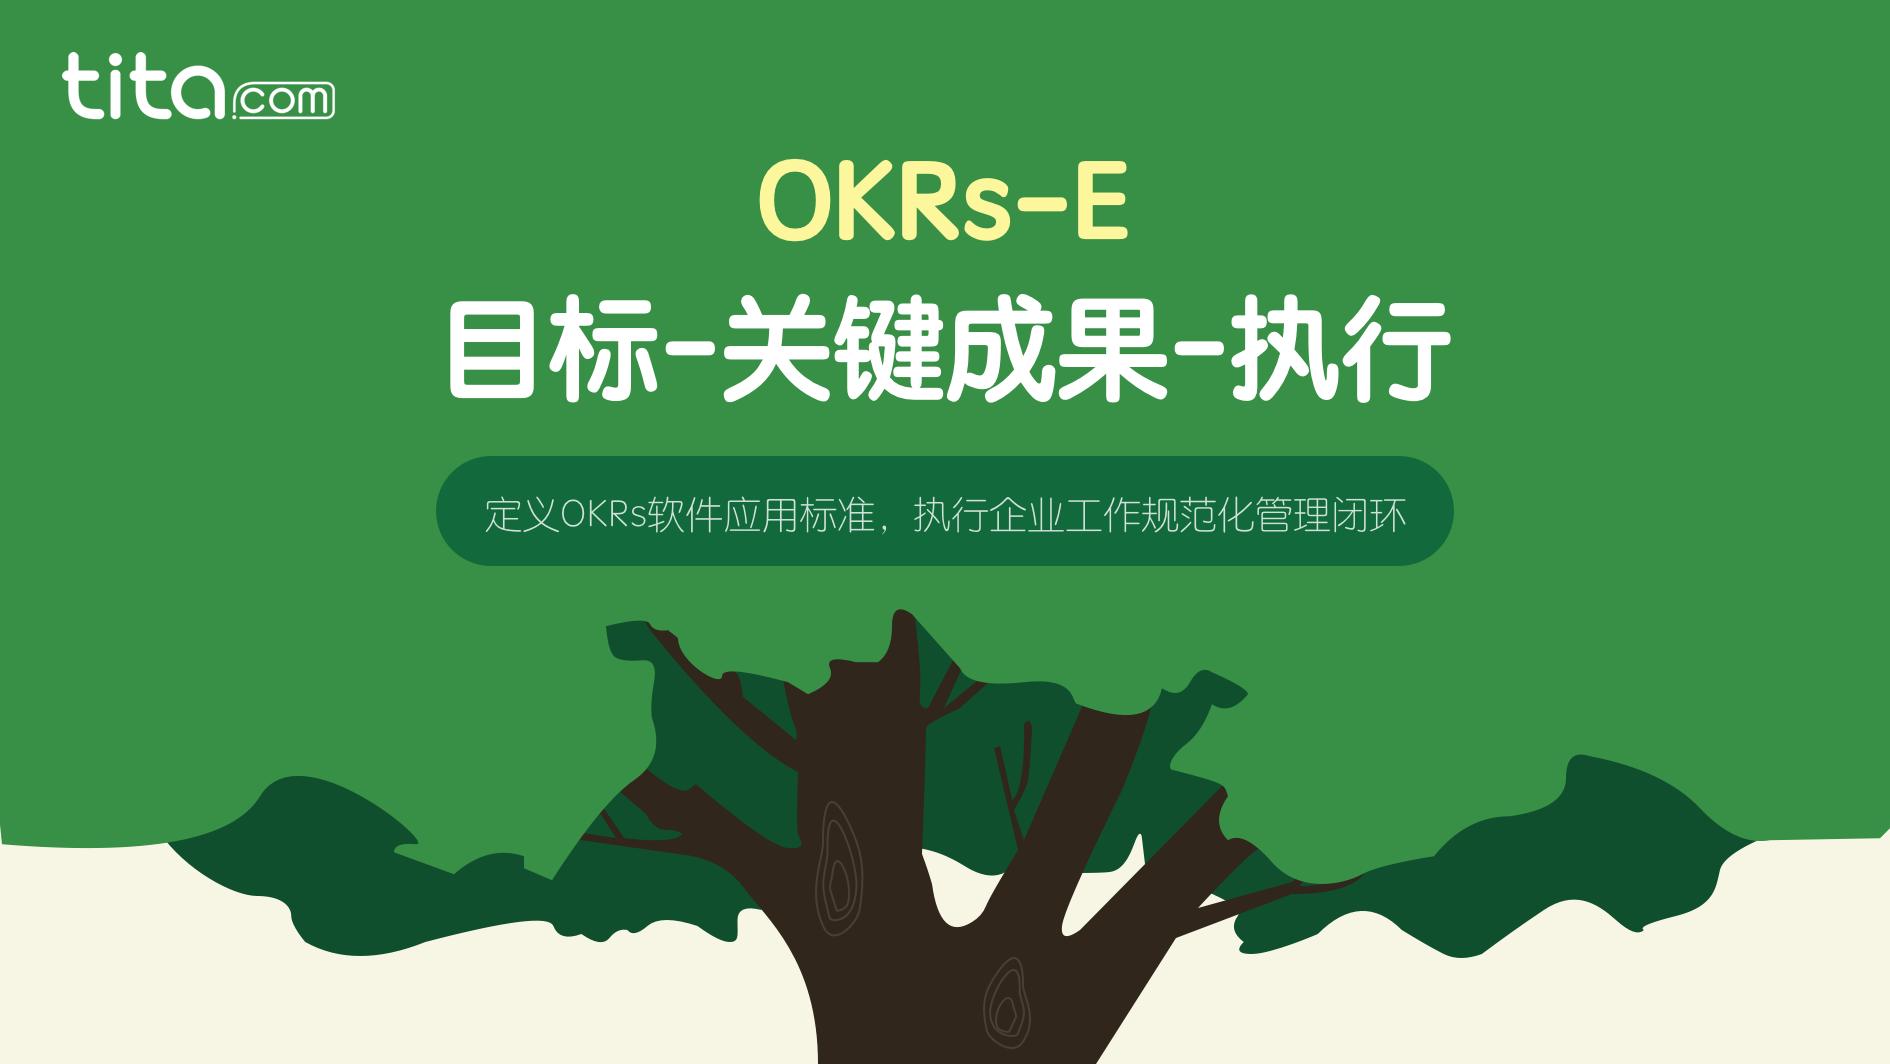 OKR运行四部曲——帮你快速养成OKR思维